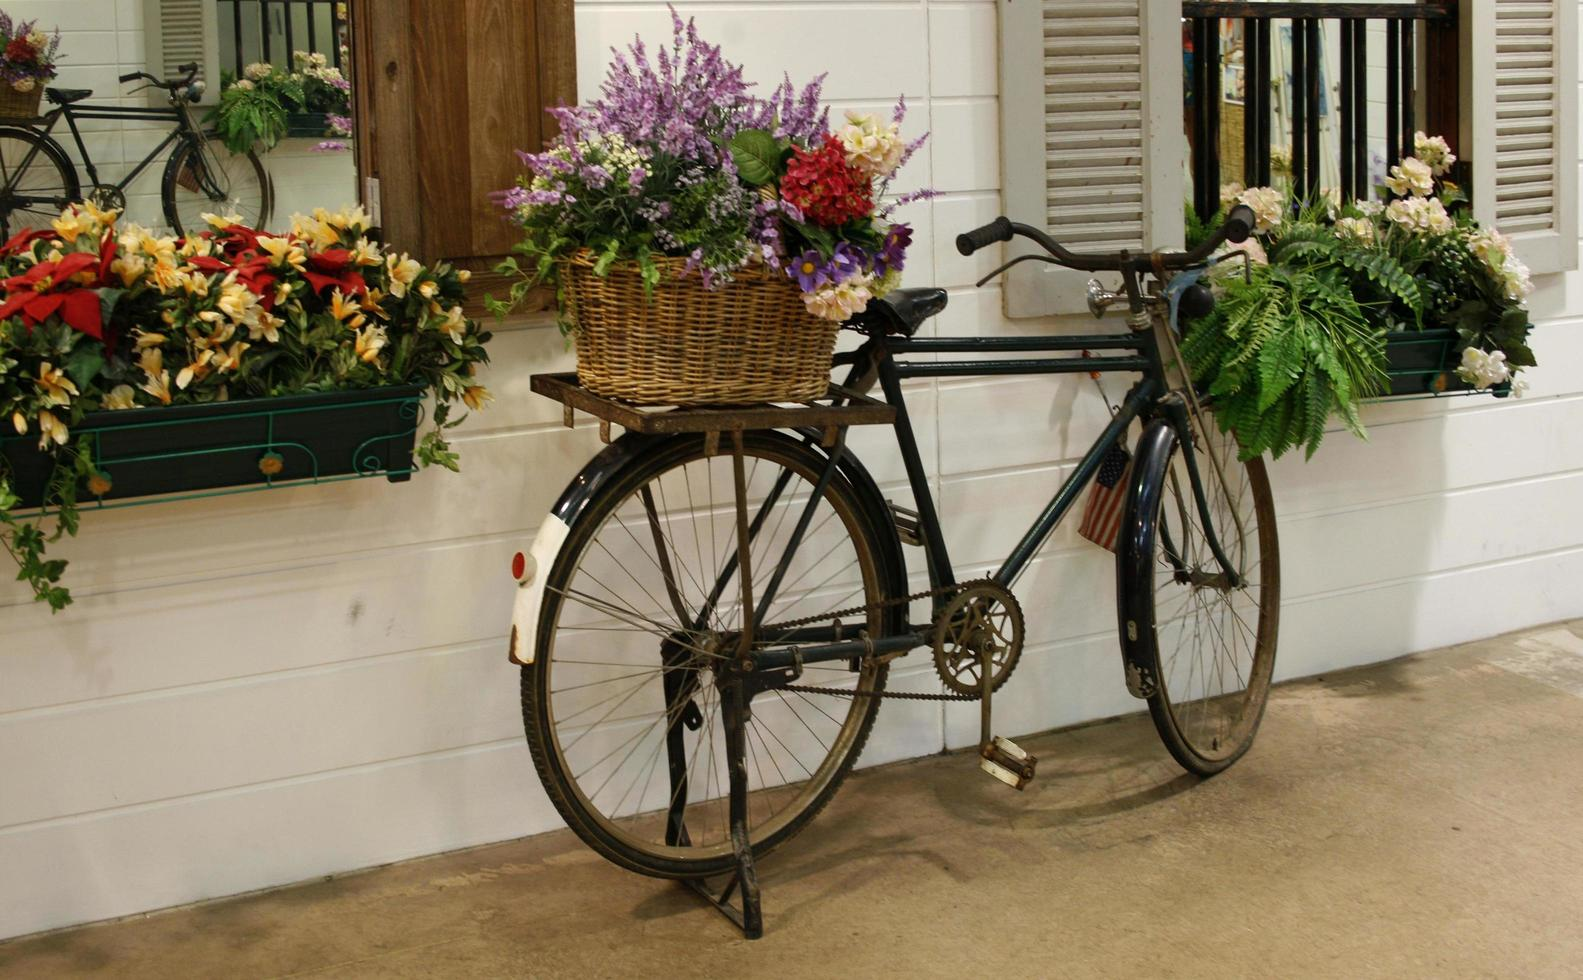 vélo avec des fleurs photo